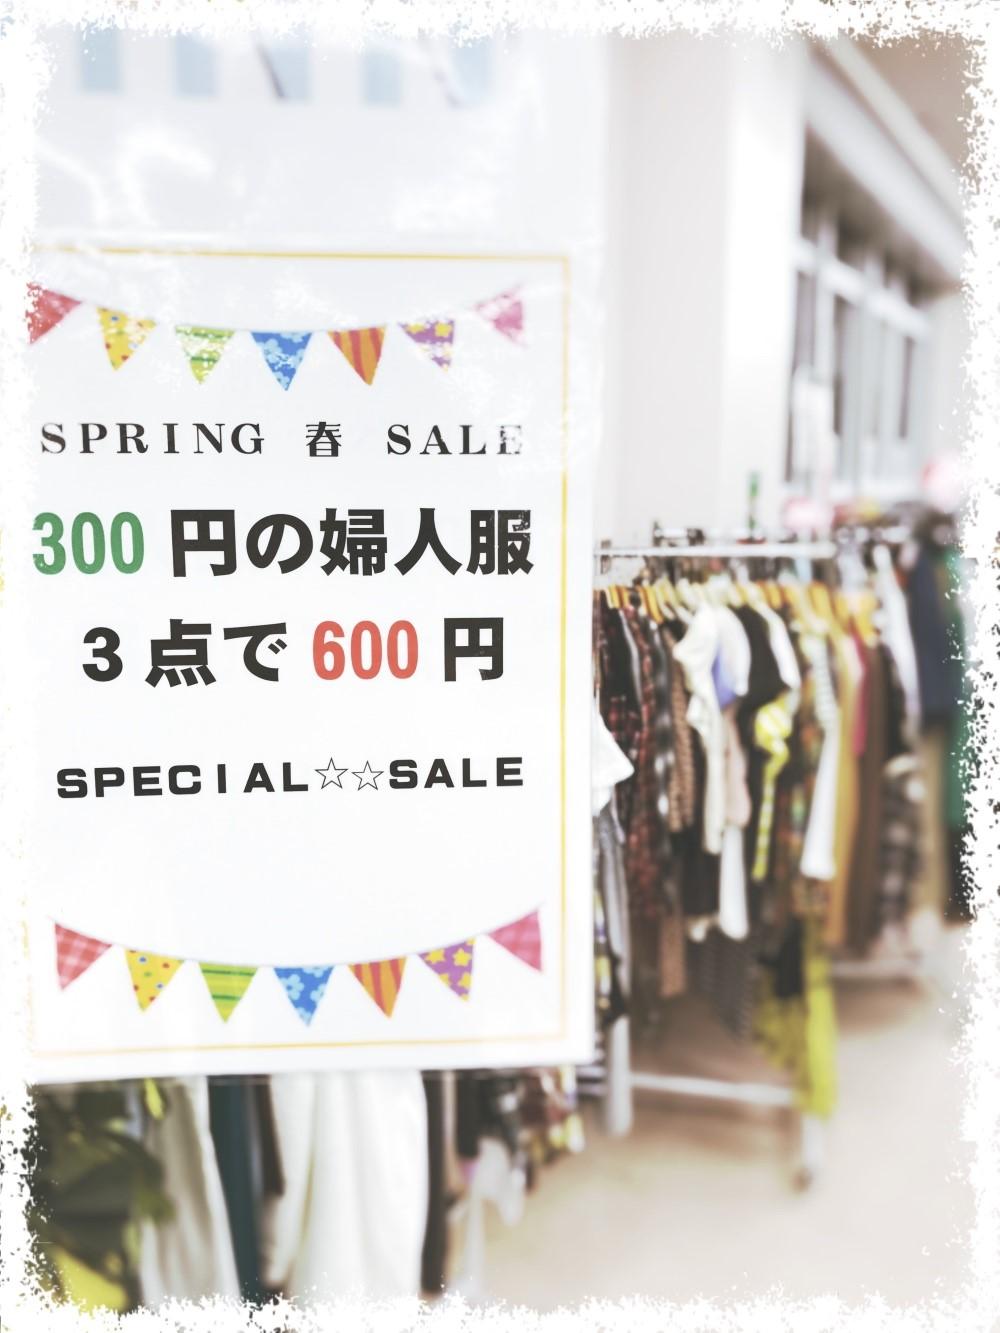 春物セール メガチャンス